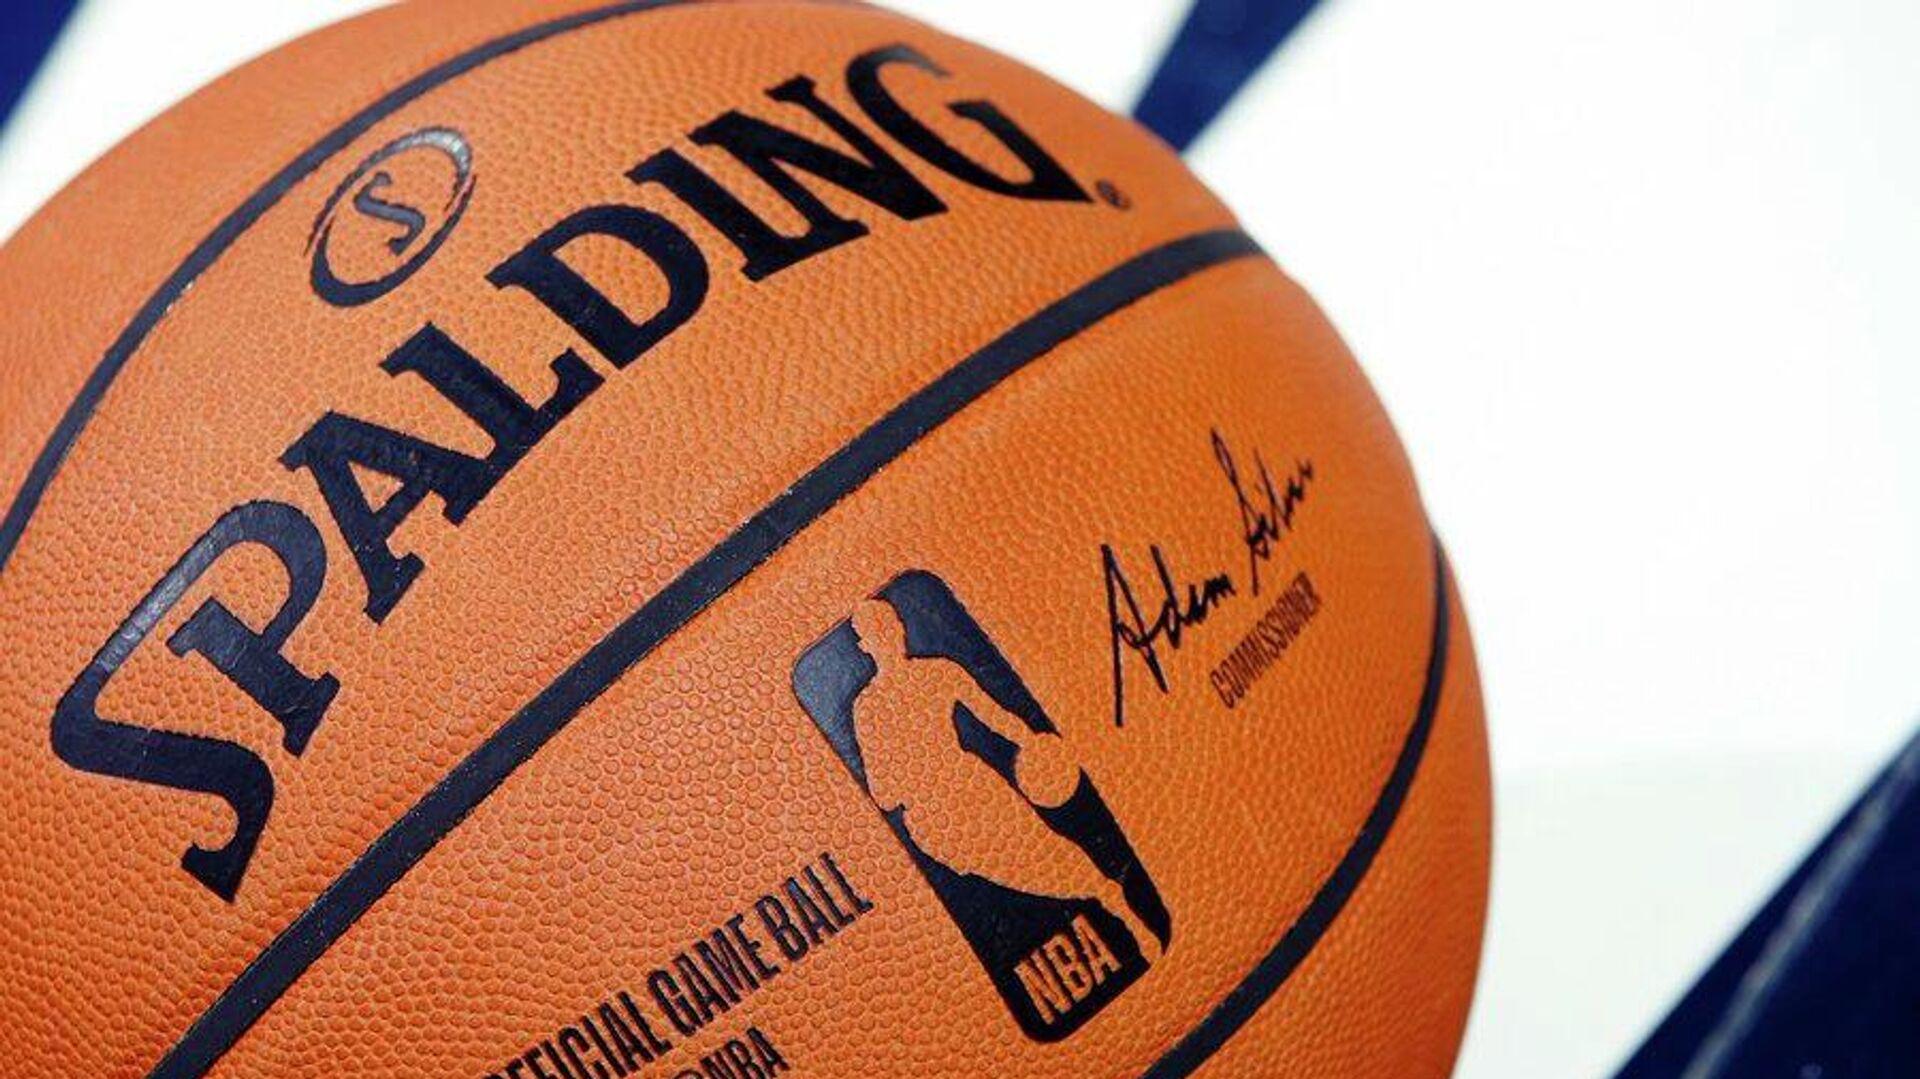 Мяч НБА - РИА Новости, 1920, 25.02.2021